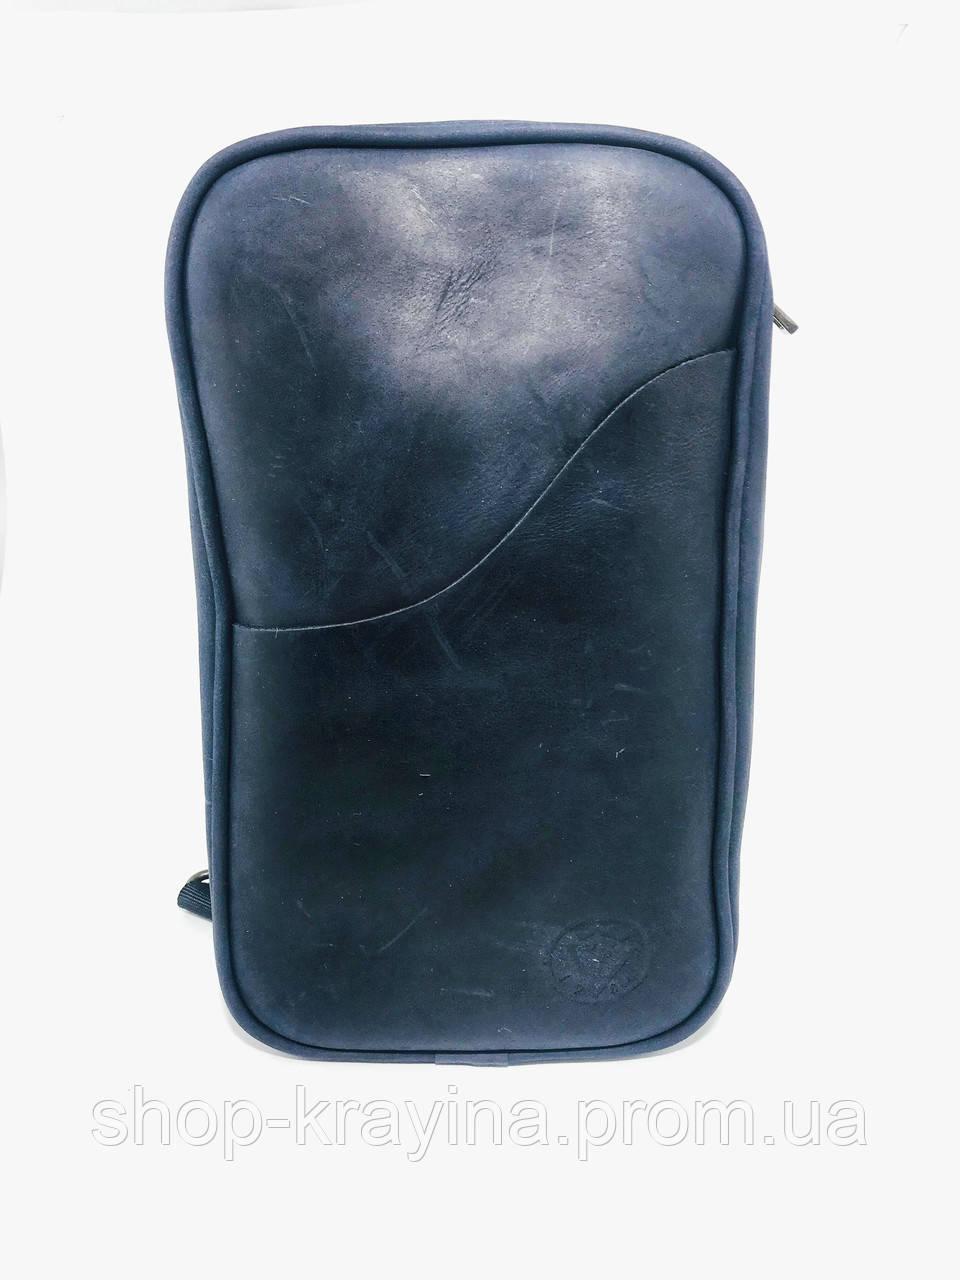 Мужская стильная сумка VS005  Crazy horse blue 26х16х8 см